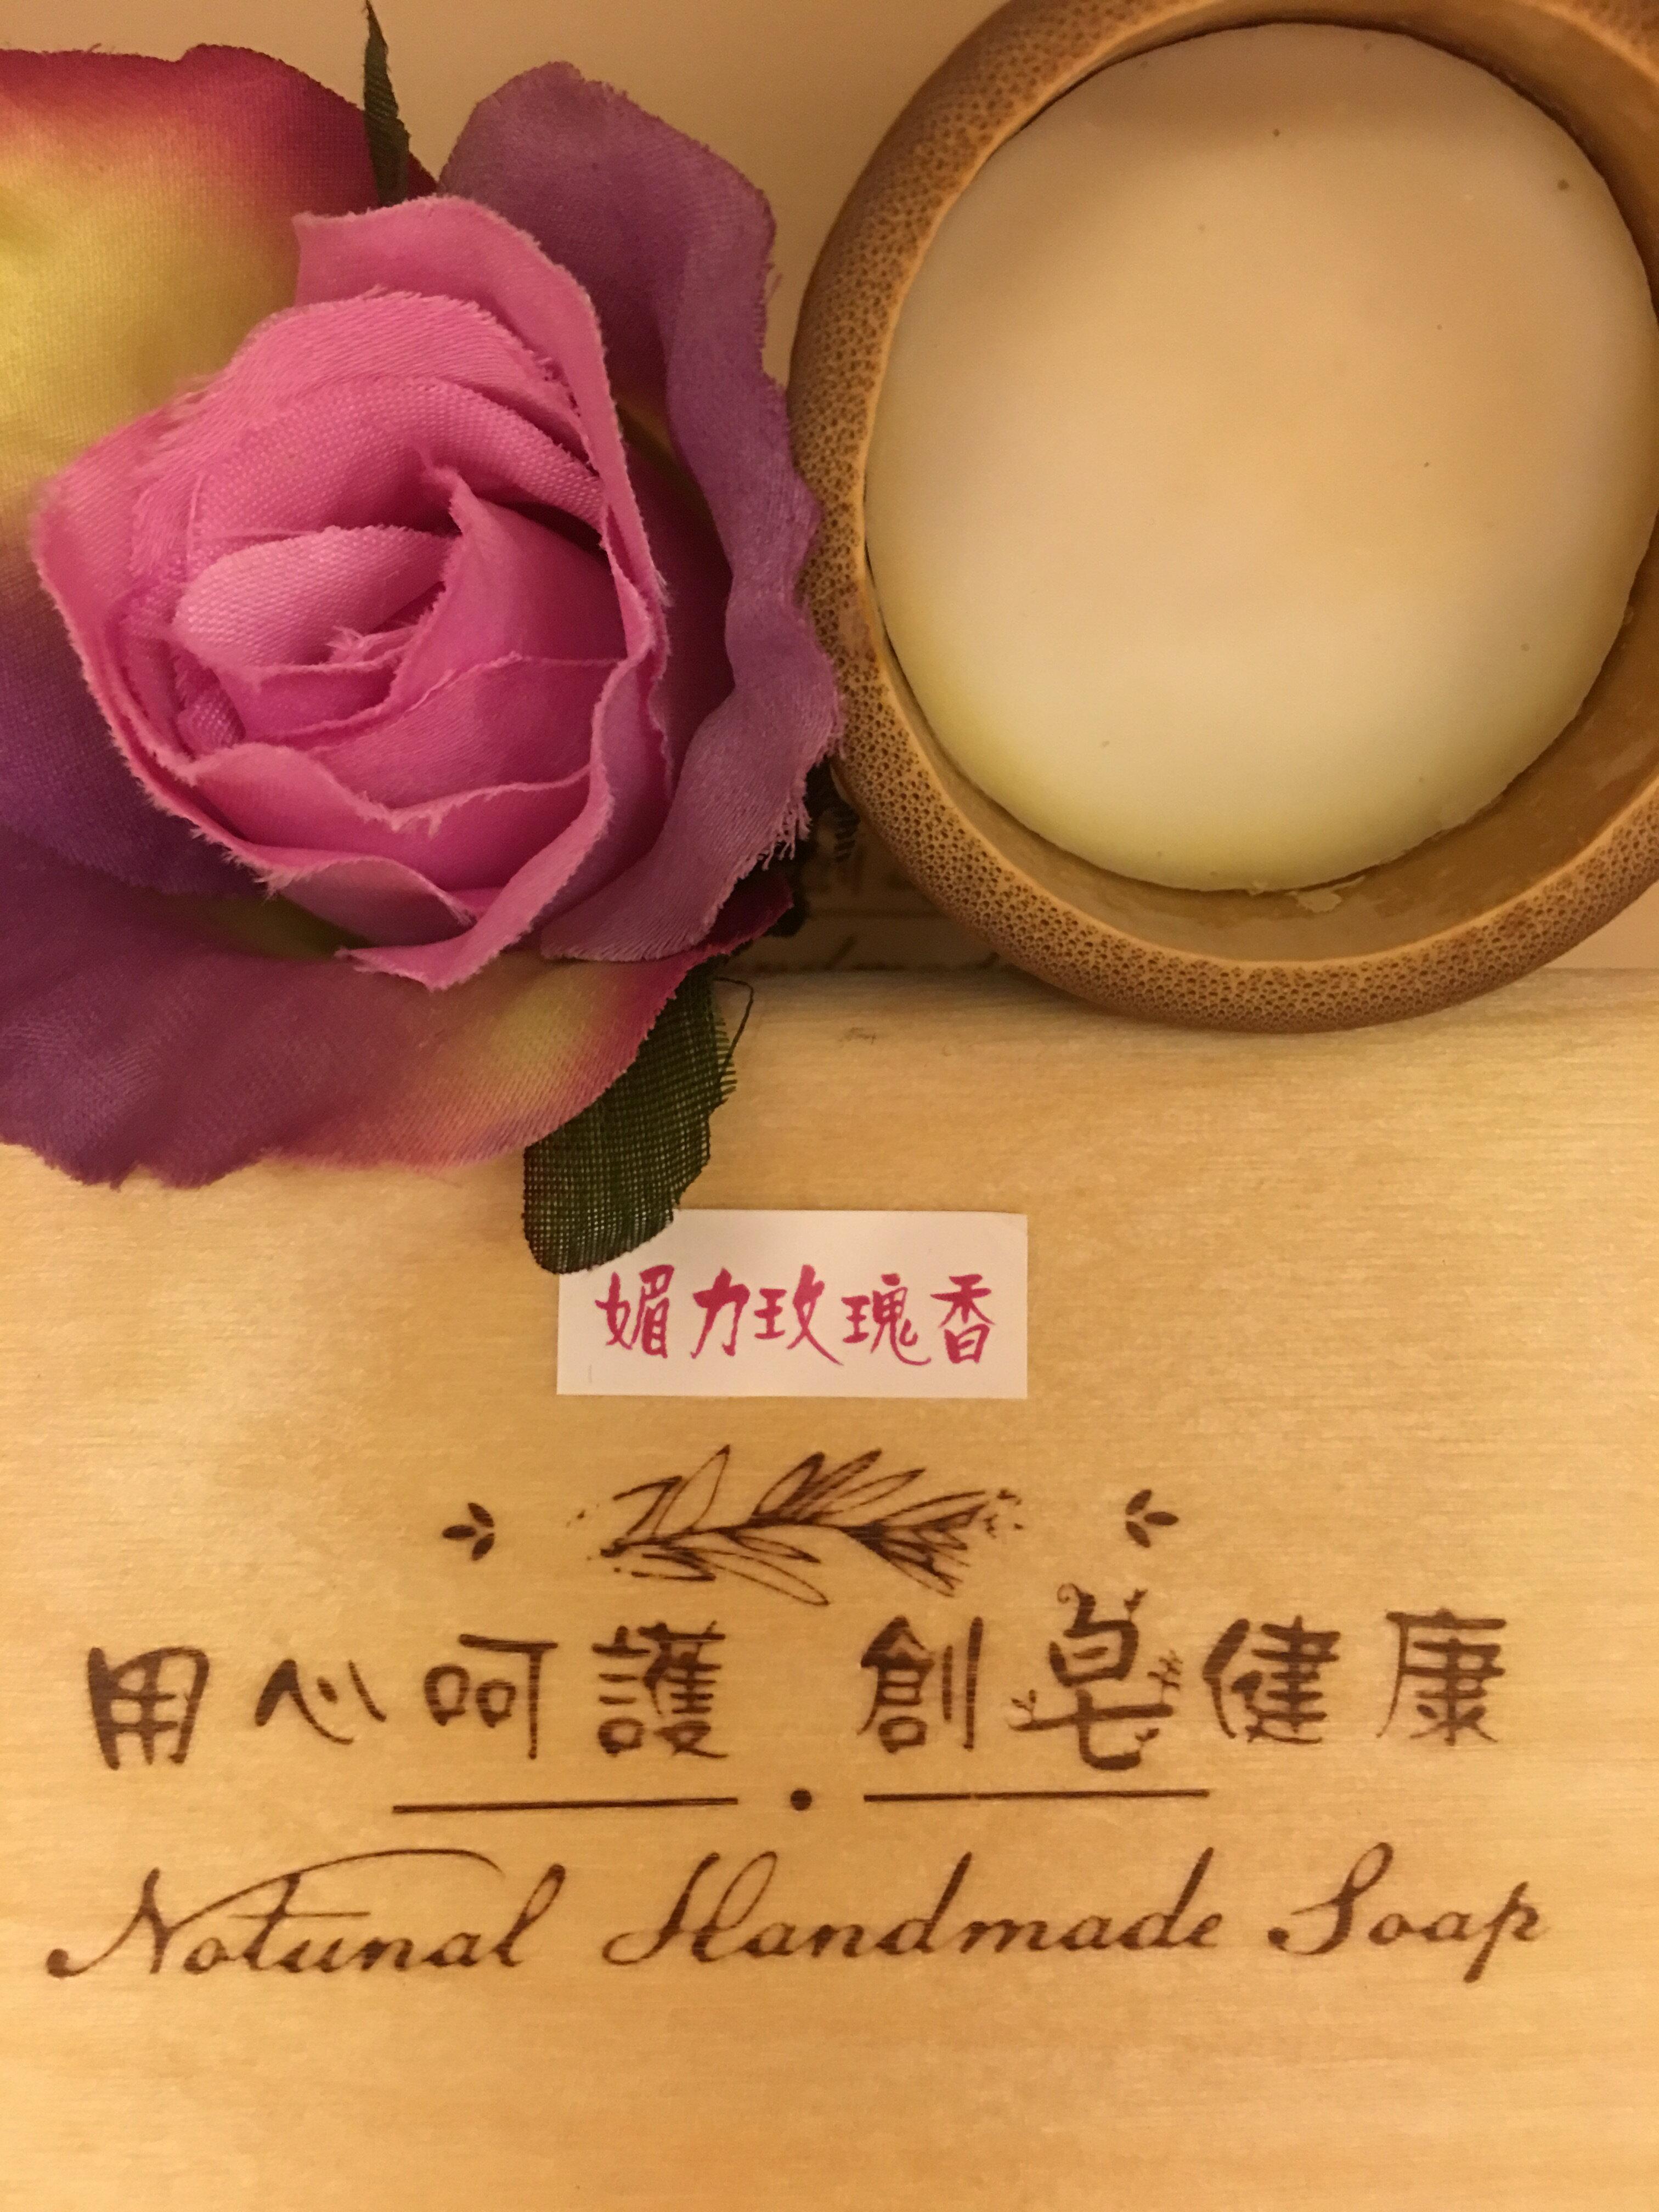 媚力玫瑰竹筒手工髮皂